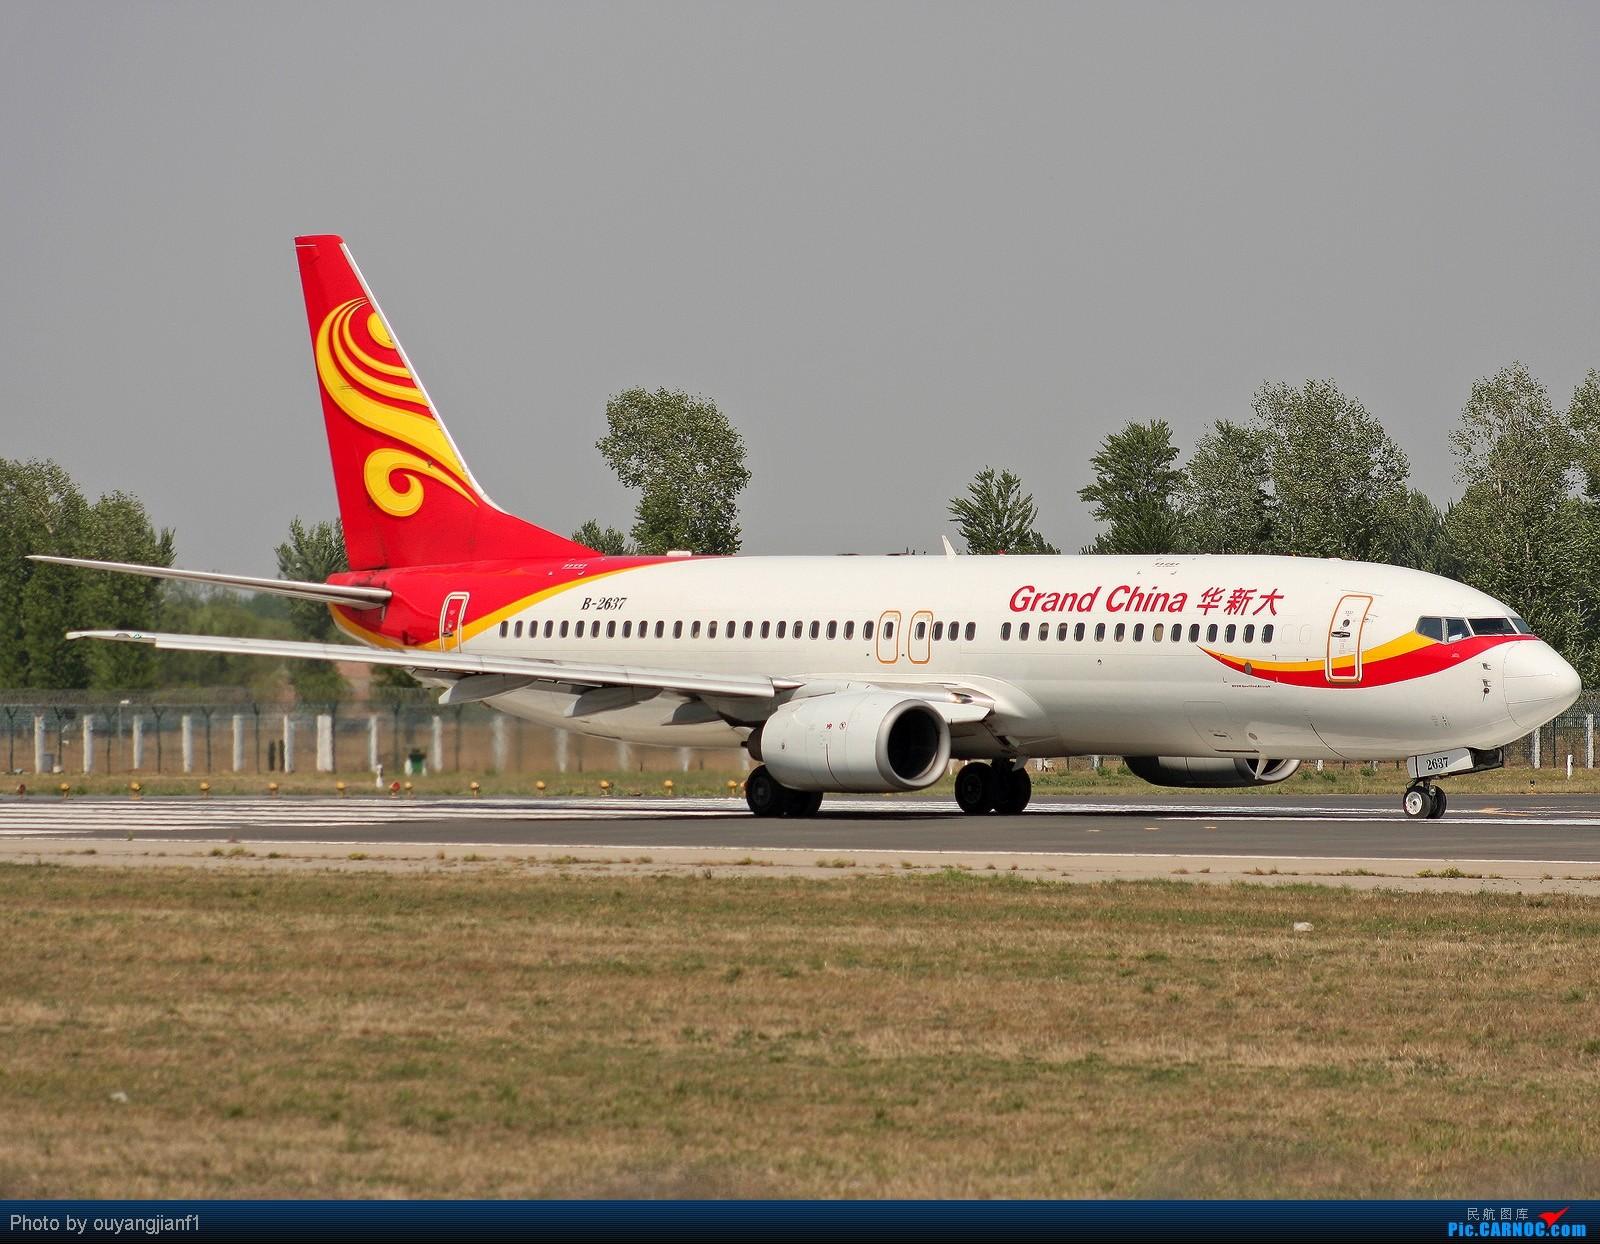 Re:[原创]快有一年没去西跑道了,拍机的感觉已逐渐淡忘,但是只要心中有梦,手中有单反,一切皆有可能! BOEING 737-800 B-2637 北京